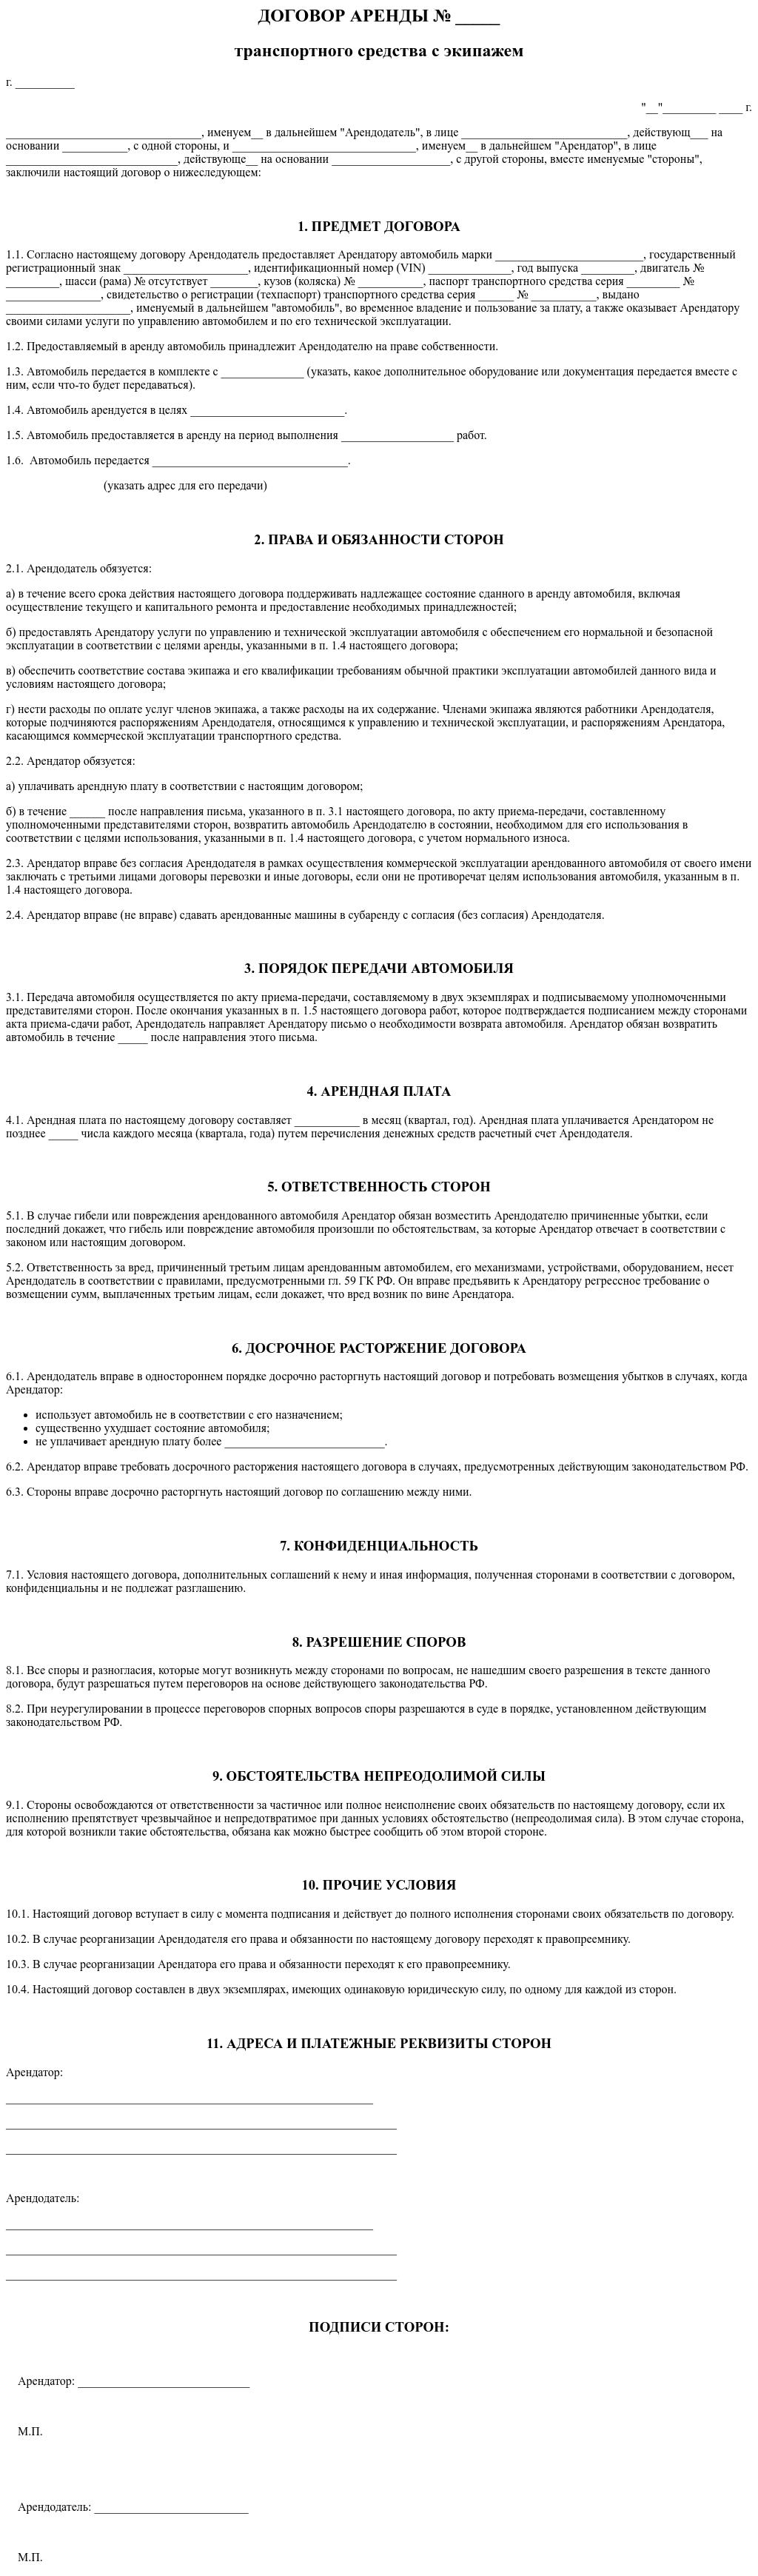 Образец Договор аренды транспортного средства с экипажем